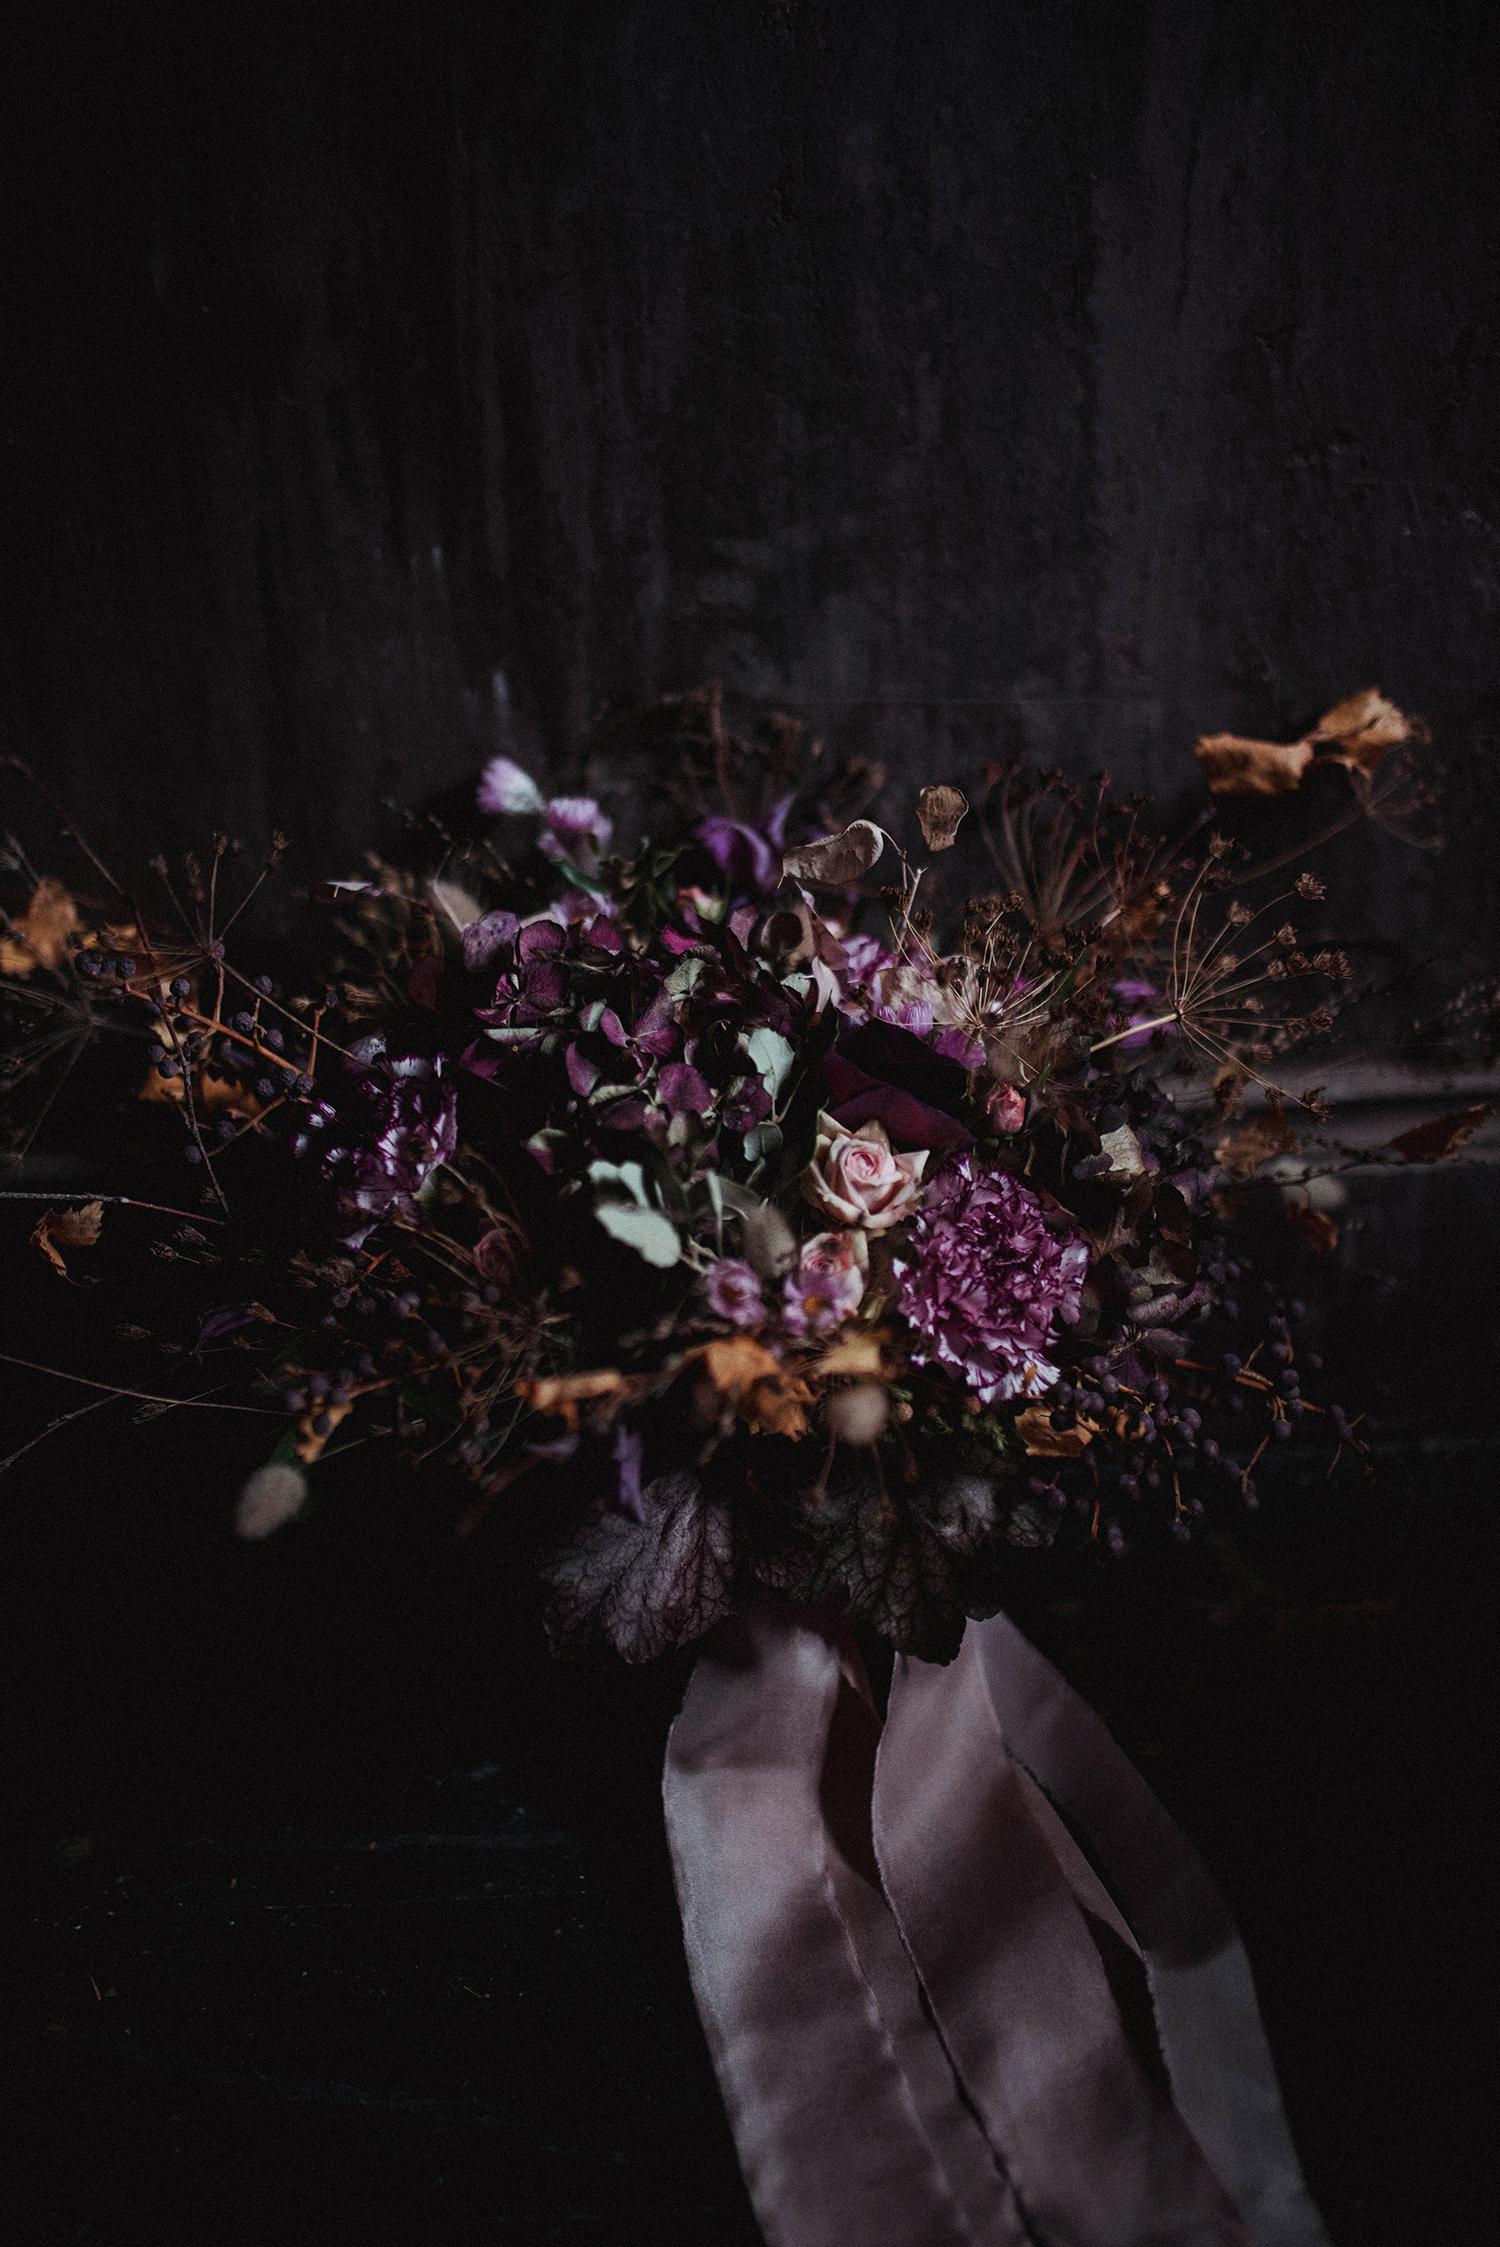 Claire-Augustyniak-Nature-Morte-Bouquet-Clair-Obscur.jpg